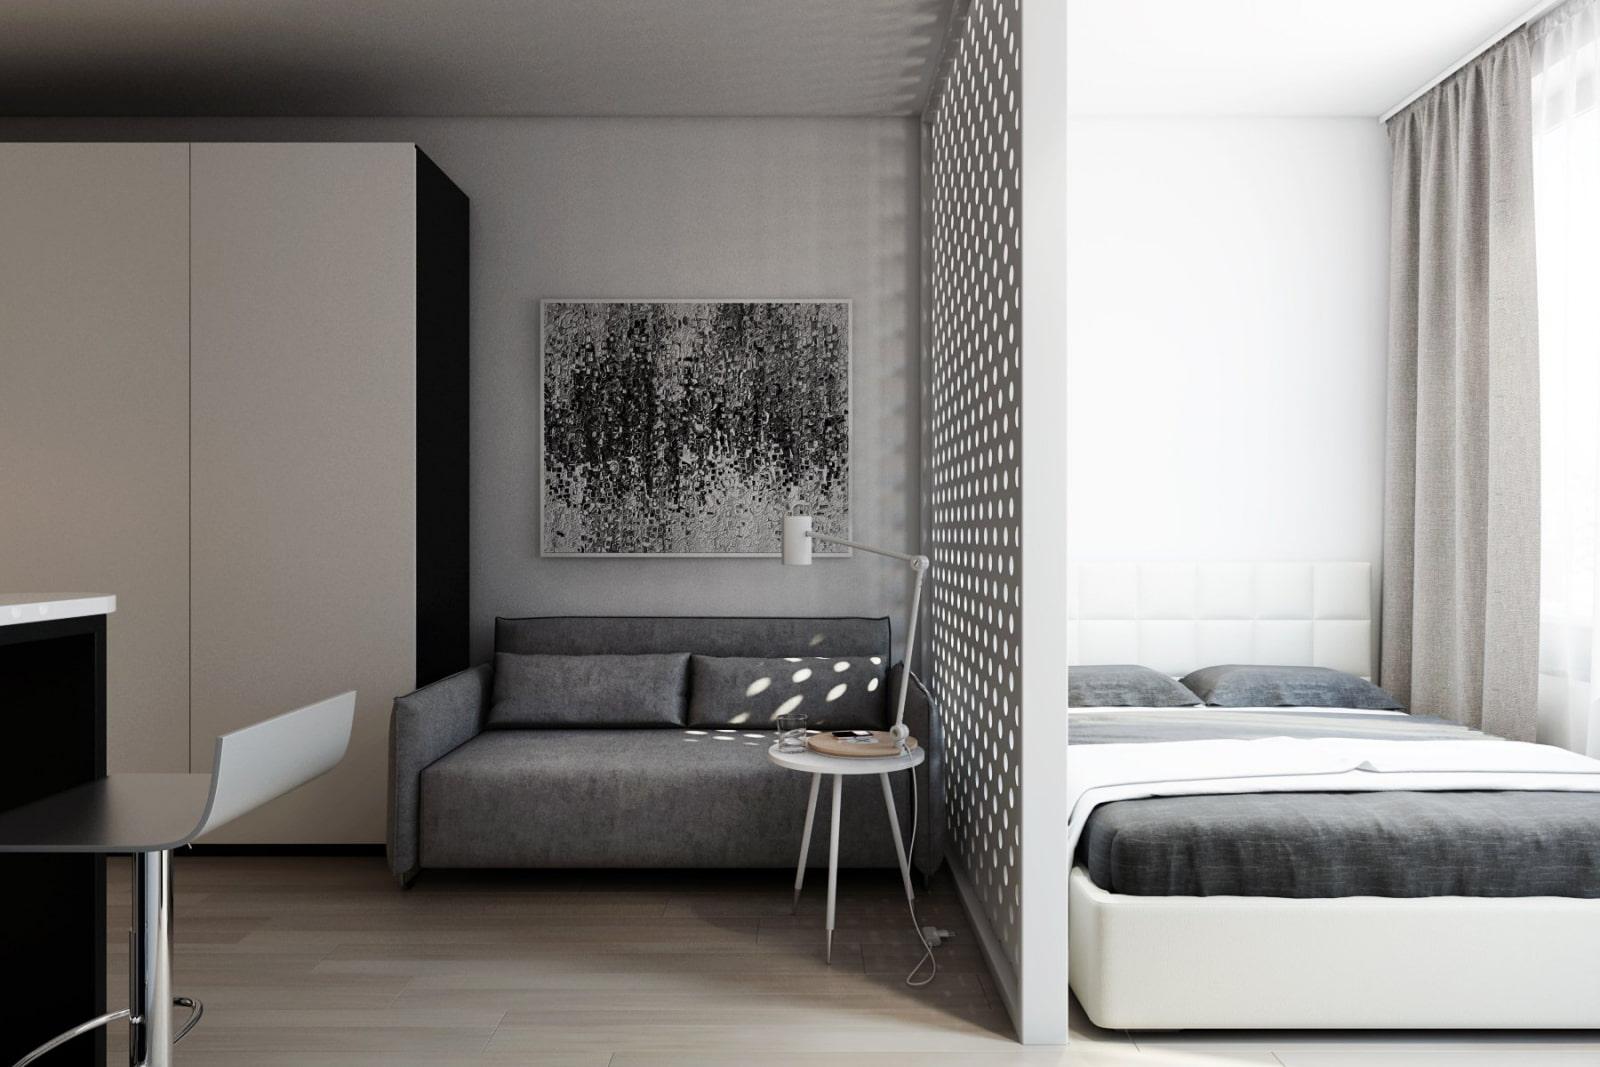 современных стилей фото однокомнатных квартир с местом для кровати вас есть